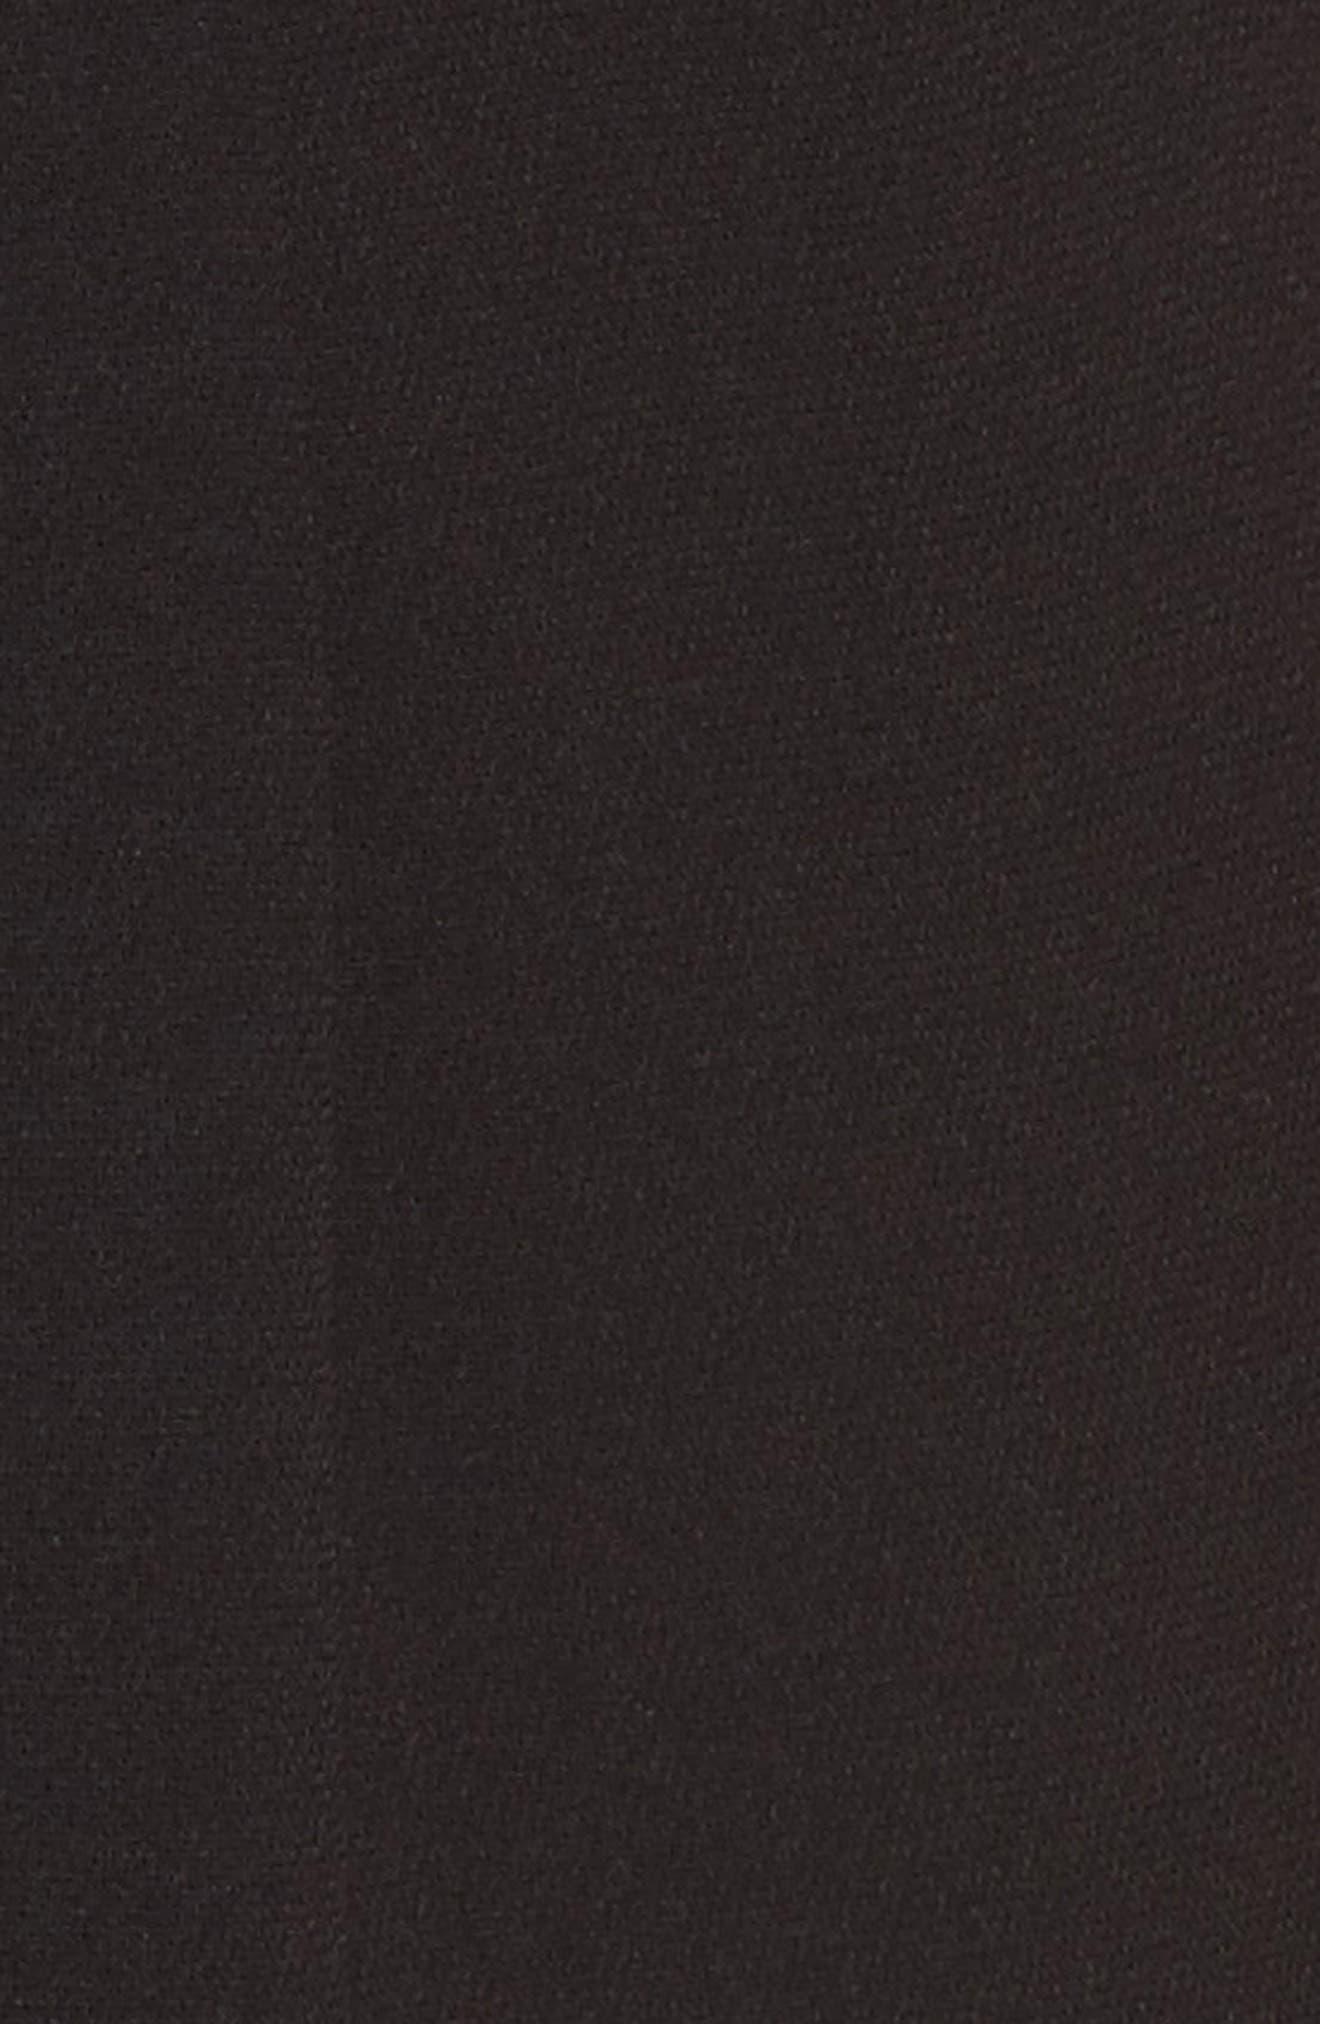 Lace Bodice Jumpsuit,                             Alternate thumbnail 5, color,                             Black/ Mocha